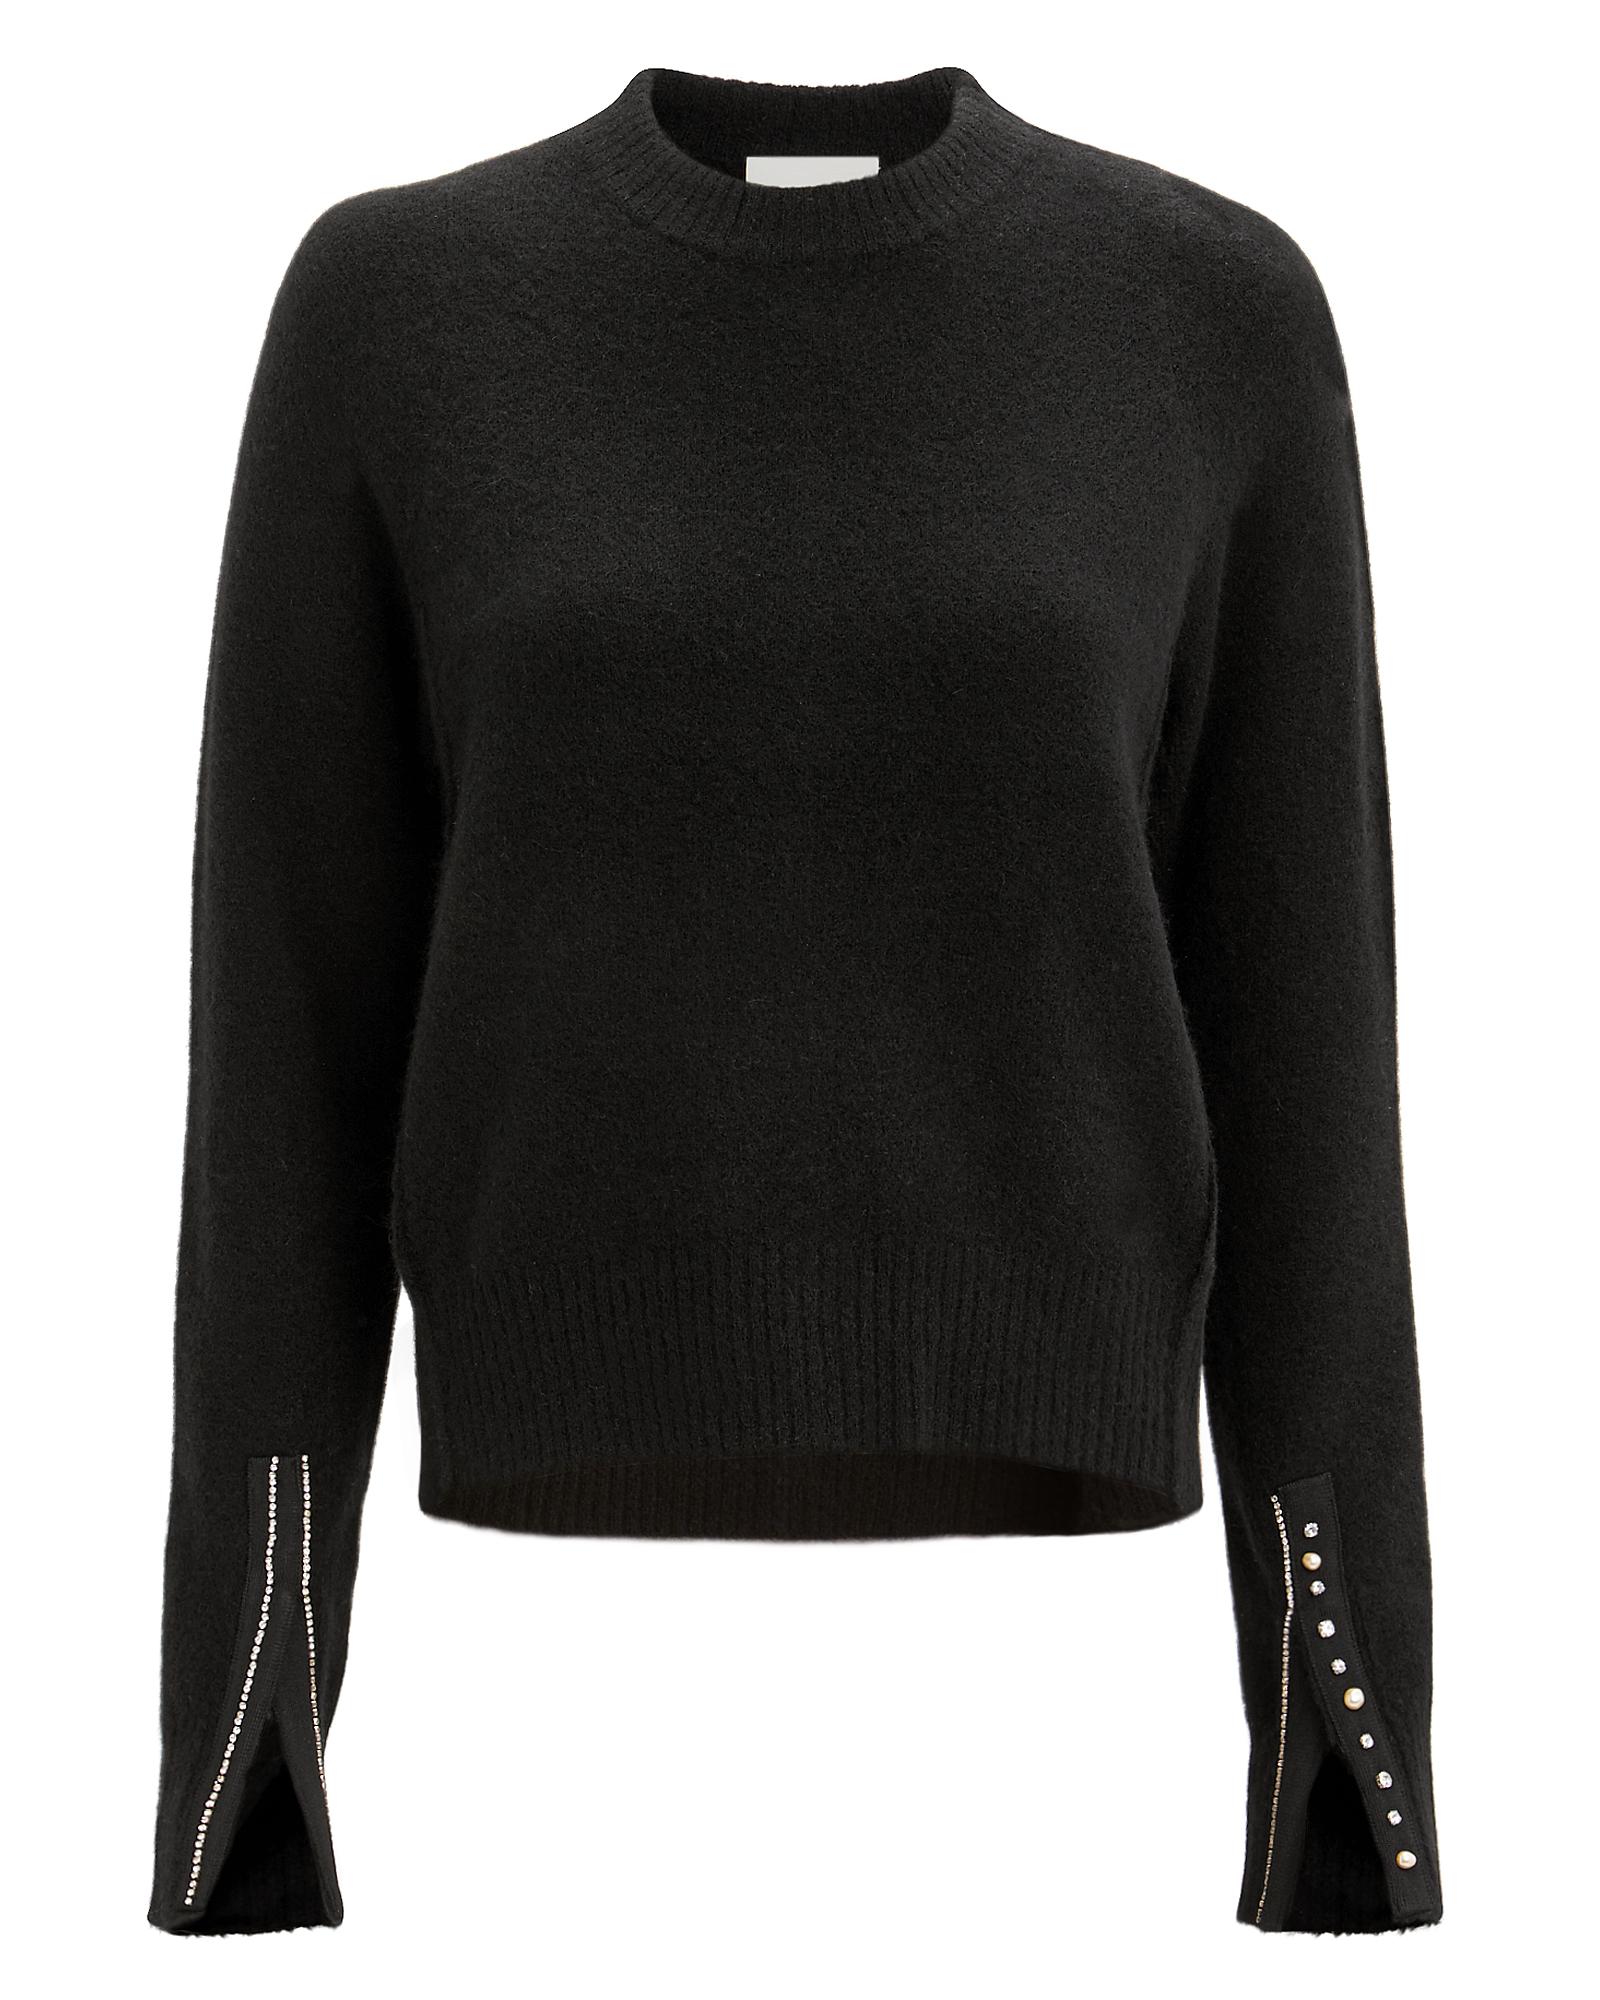 PHILLIP LIM 3.1 Phillip Li Ebellished Cuff Pullover Black